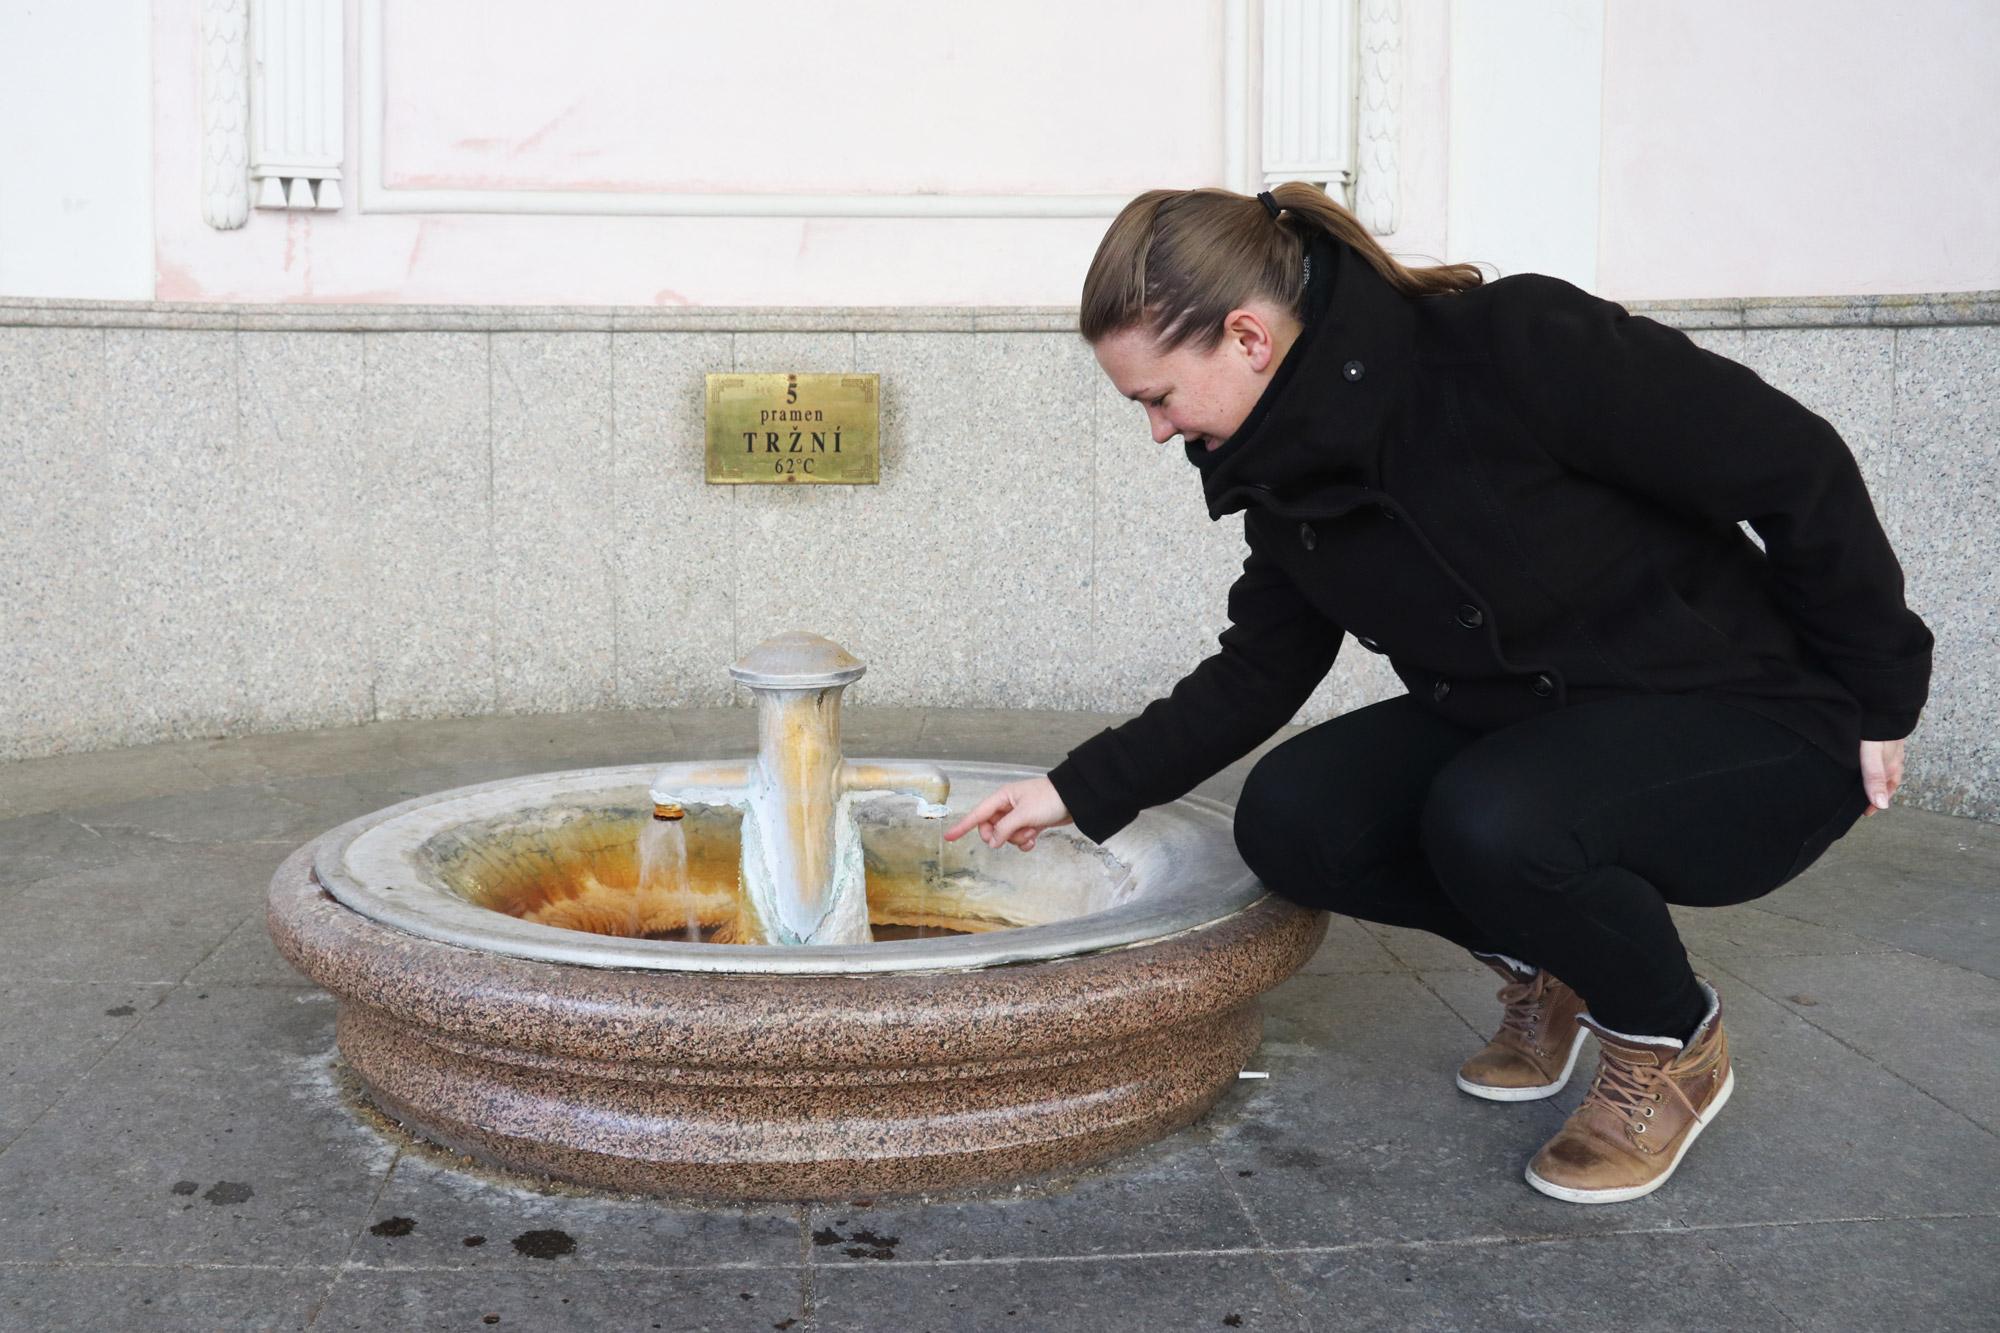 Stedentrip Karlsbad - Warmwaterbronnen